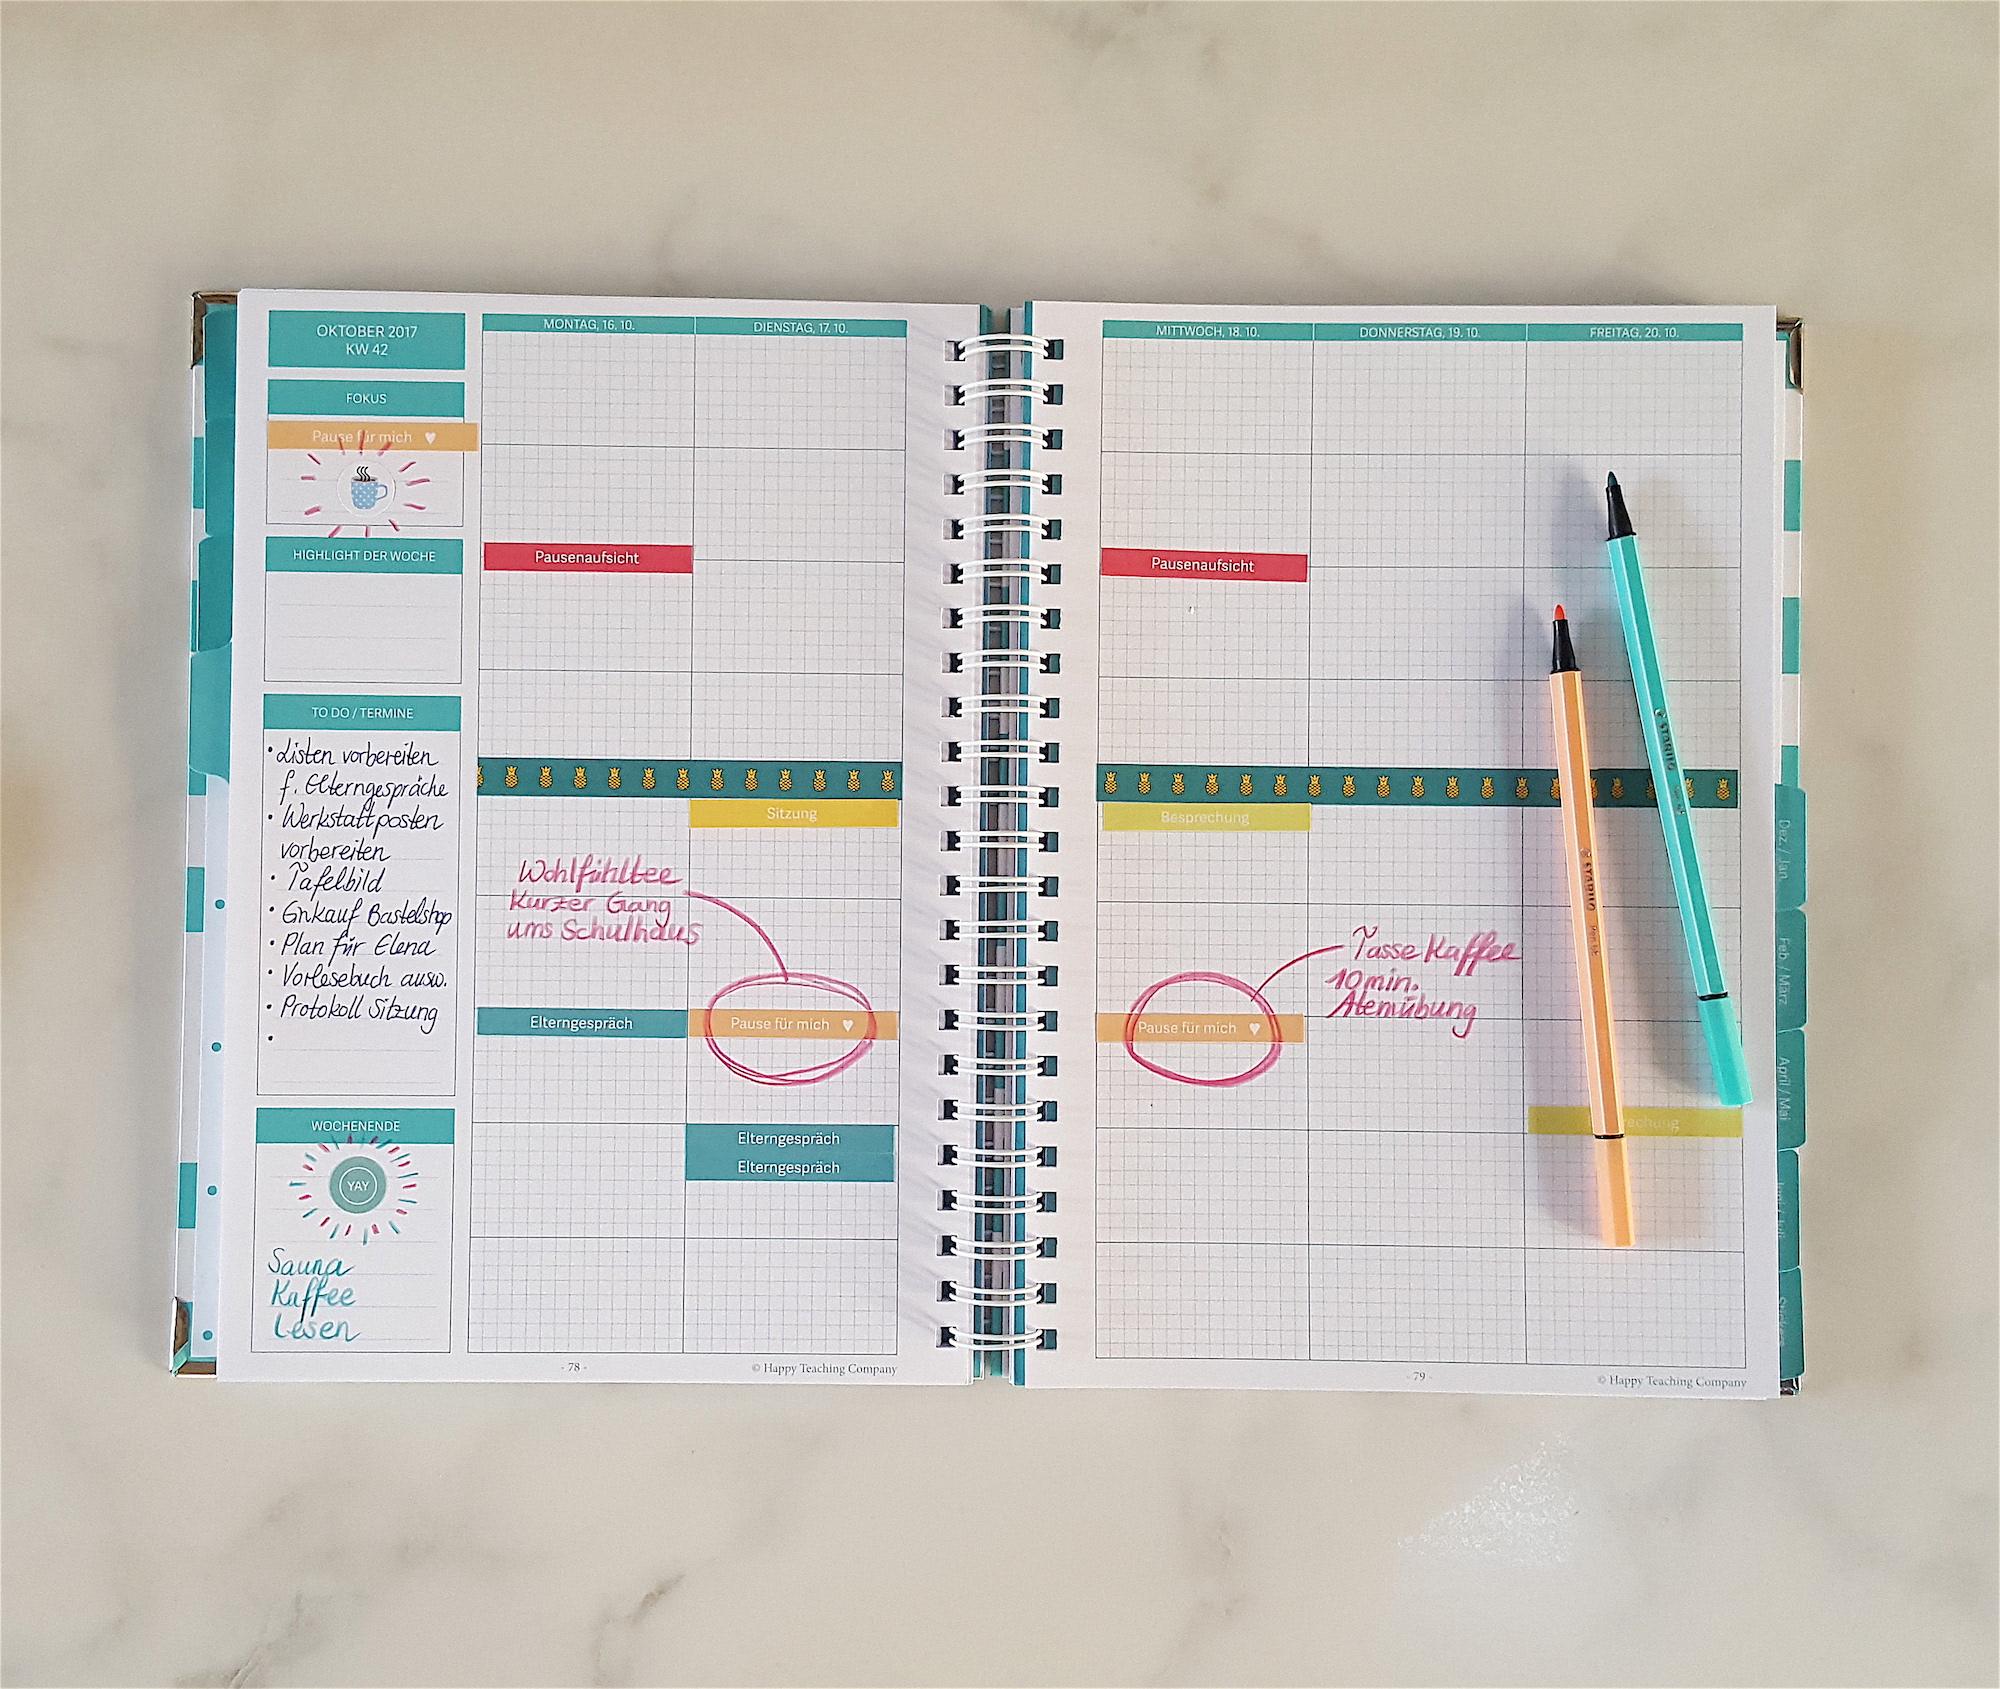 Lehrerleben, Unterrichtsplanung, Pause fuer mich, Planung, Lehrer, Lehreralltag, Lehrersticker, Lehreragenda, Lehrerkalender, Lehrerplaner